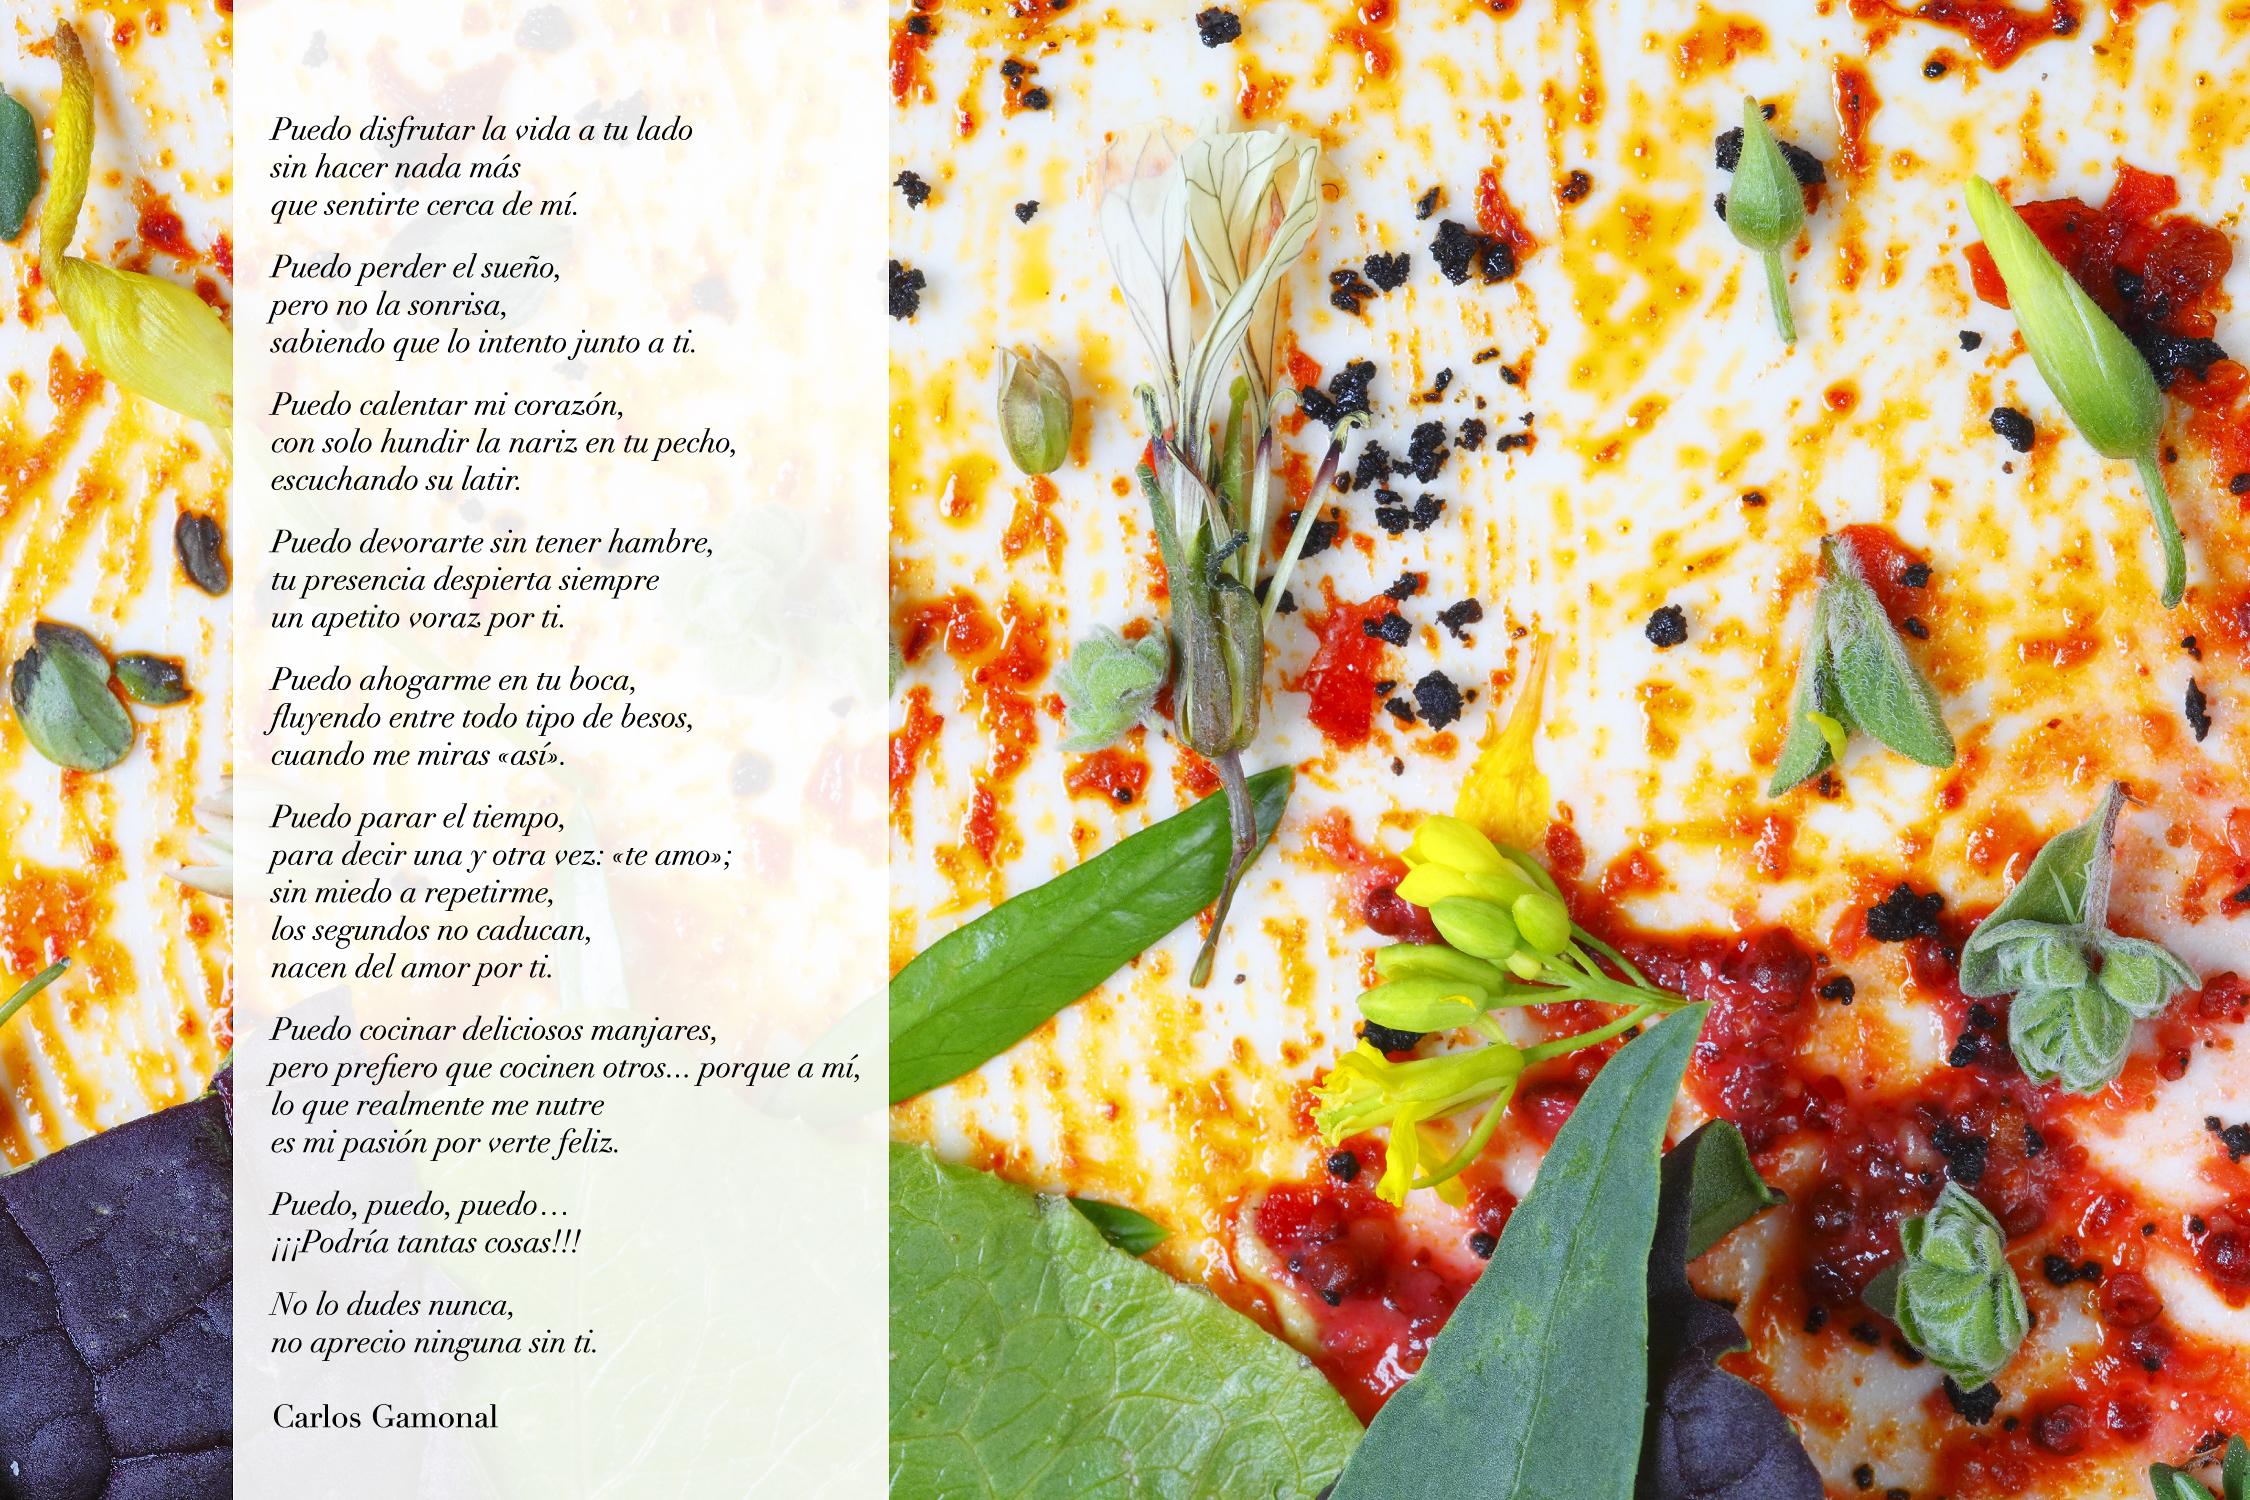 Poema «Puedo» de Carlos Gamonal © Jordi Verdés Padrón